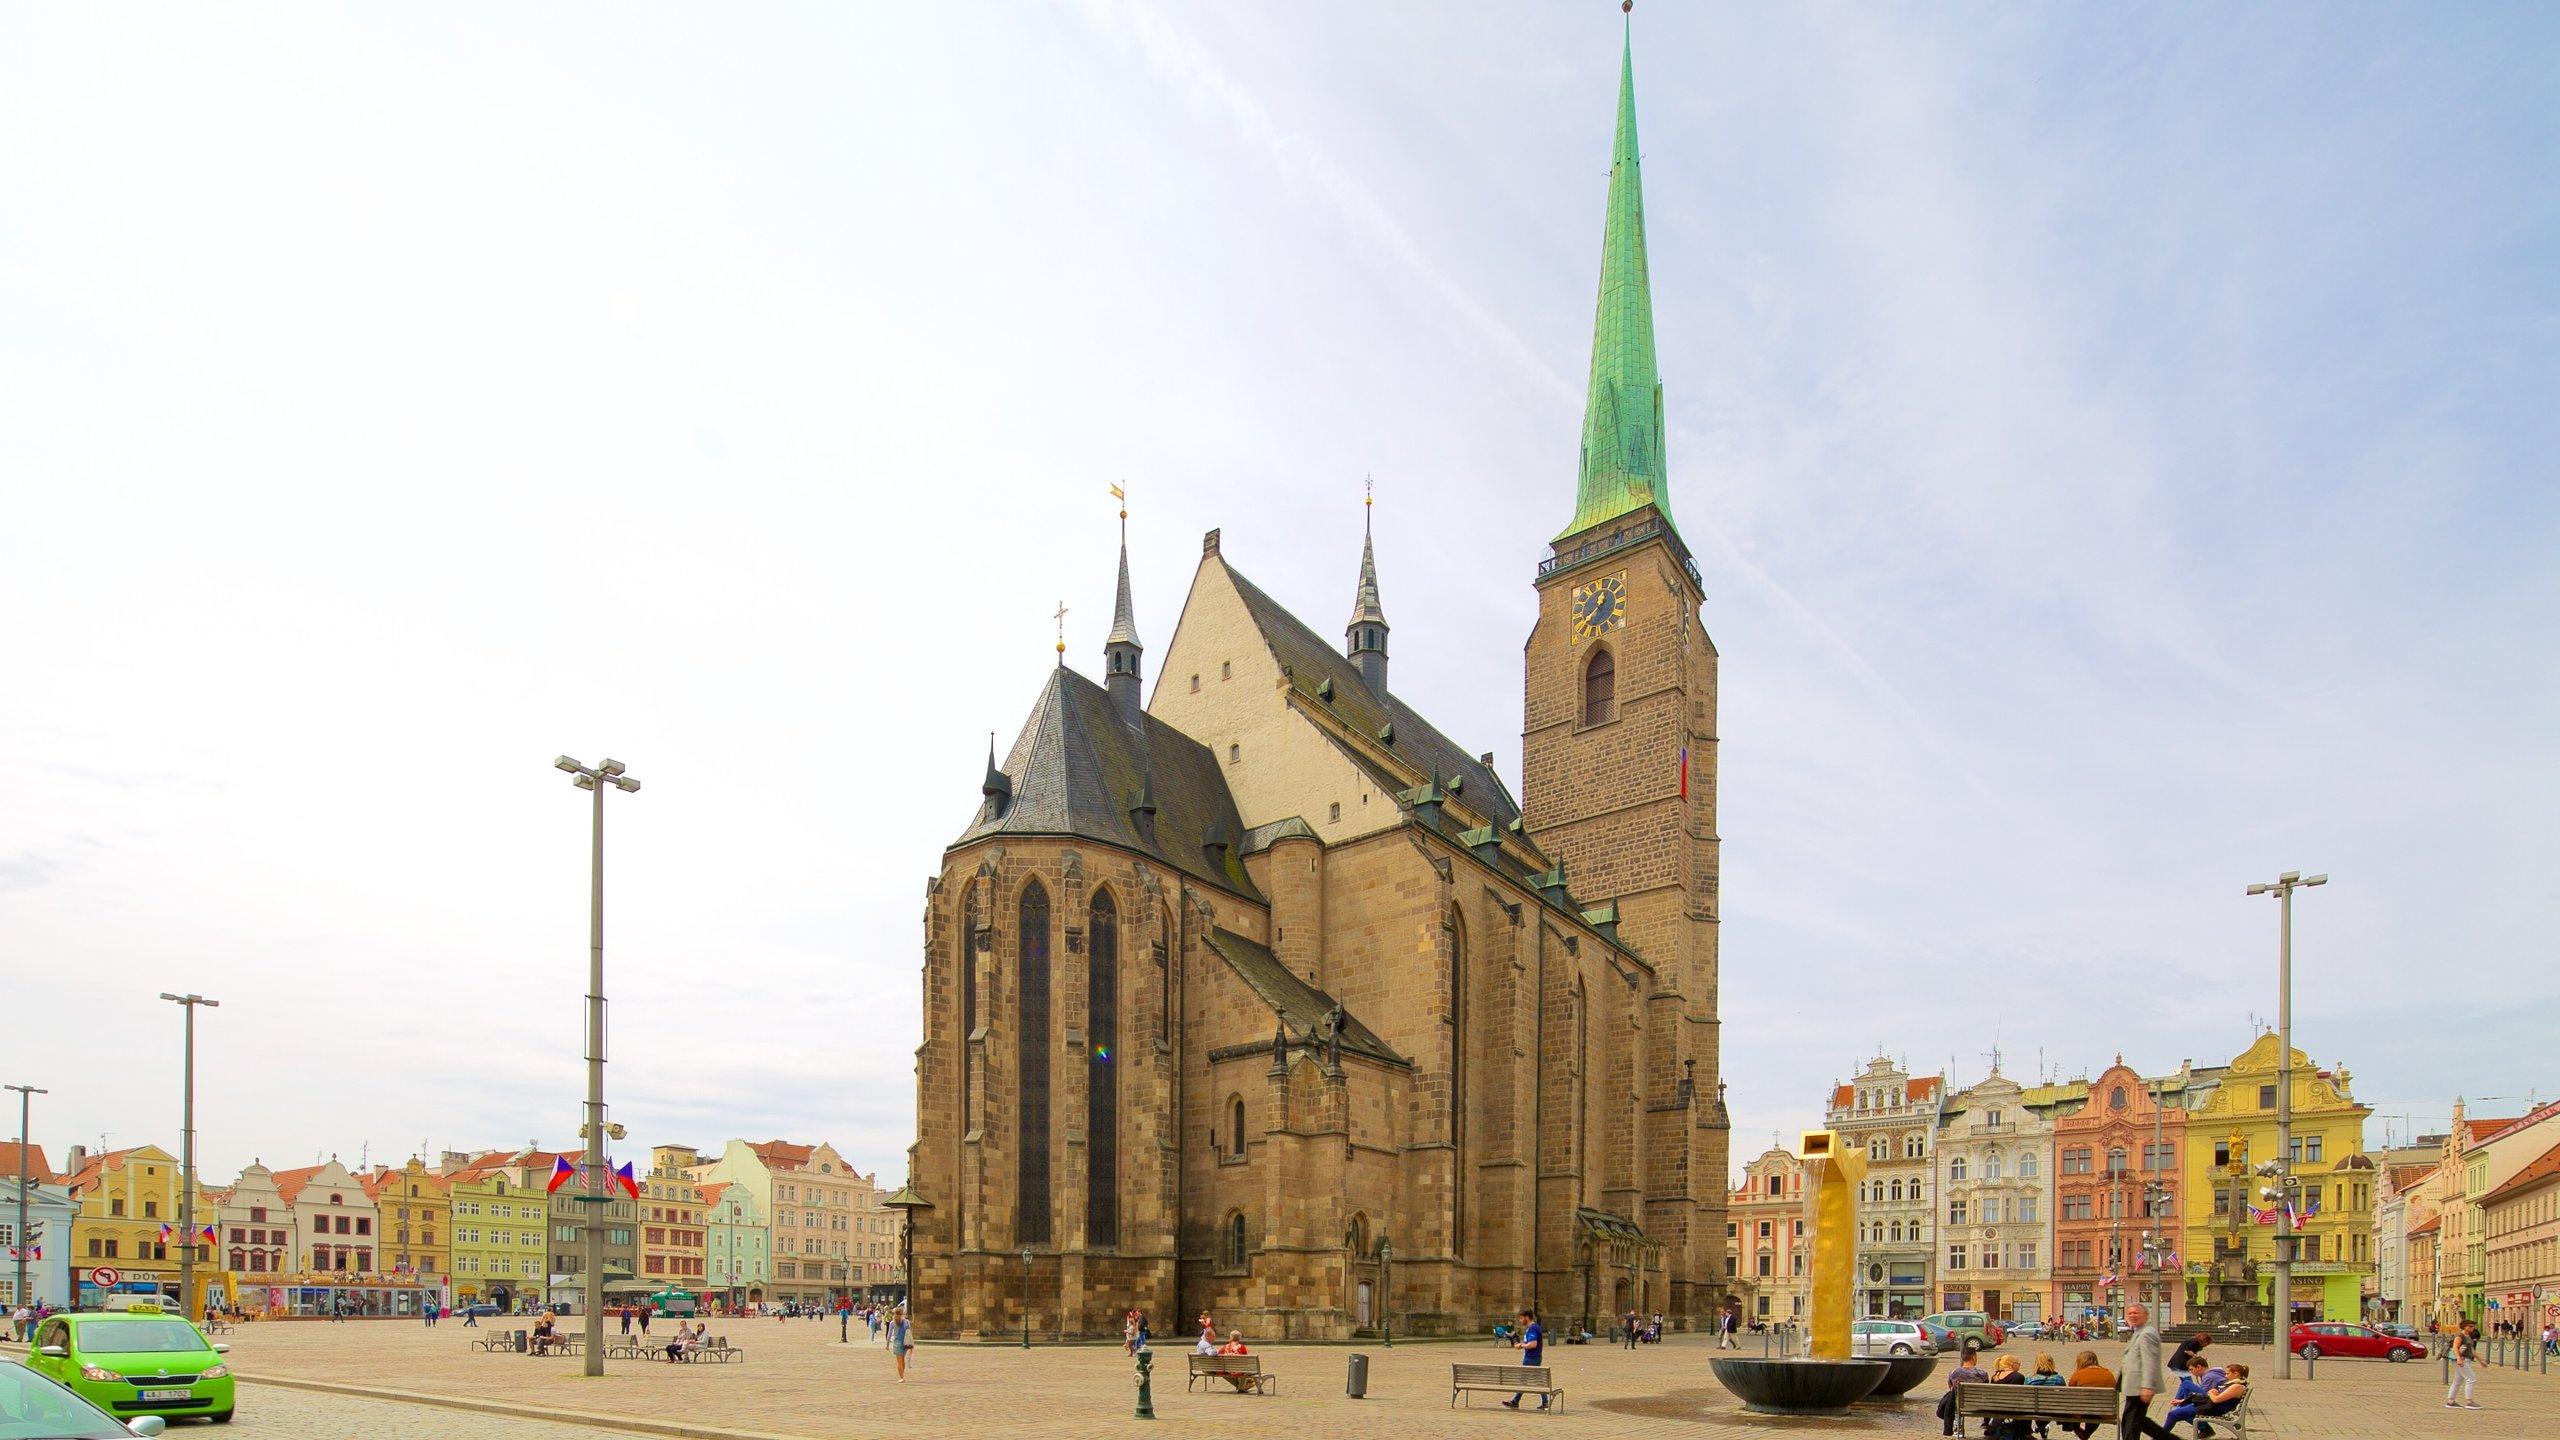 Plzeň 3, Plzen, Plzen Region, Czech Republic